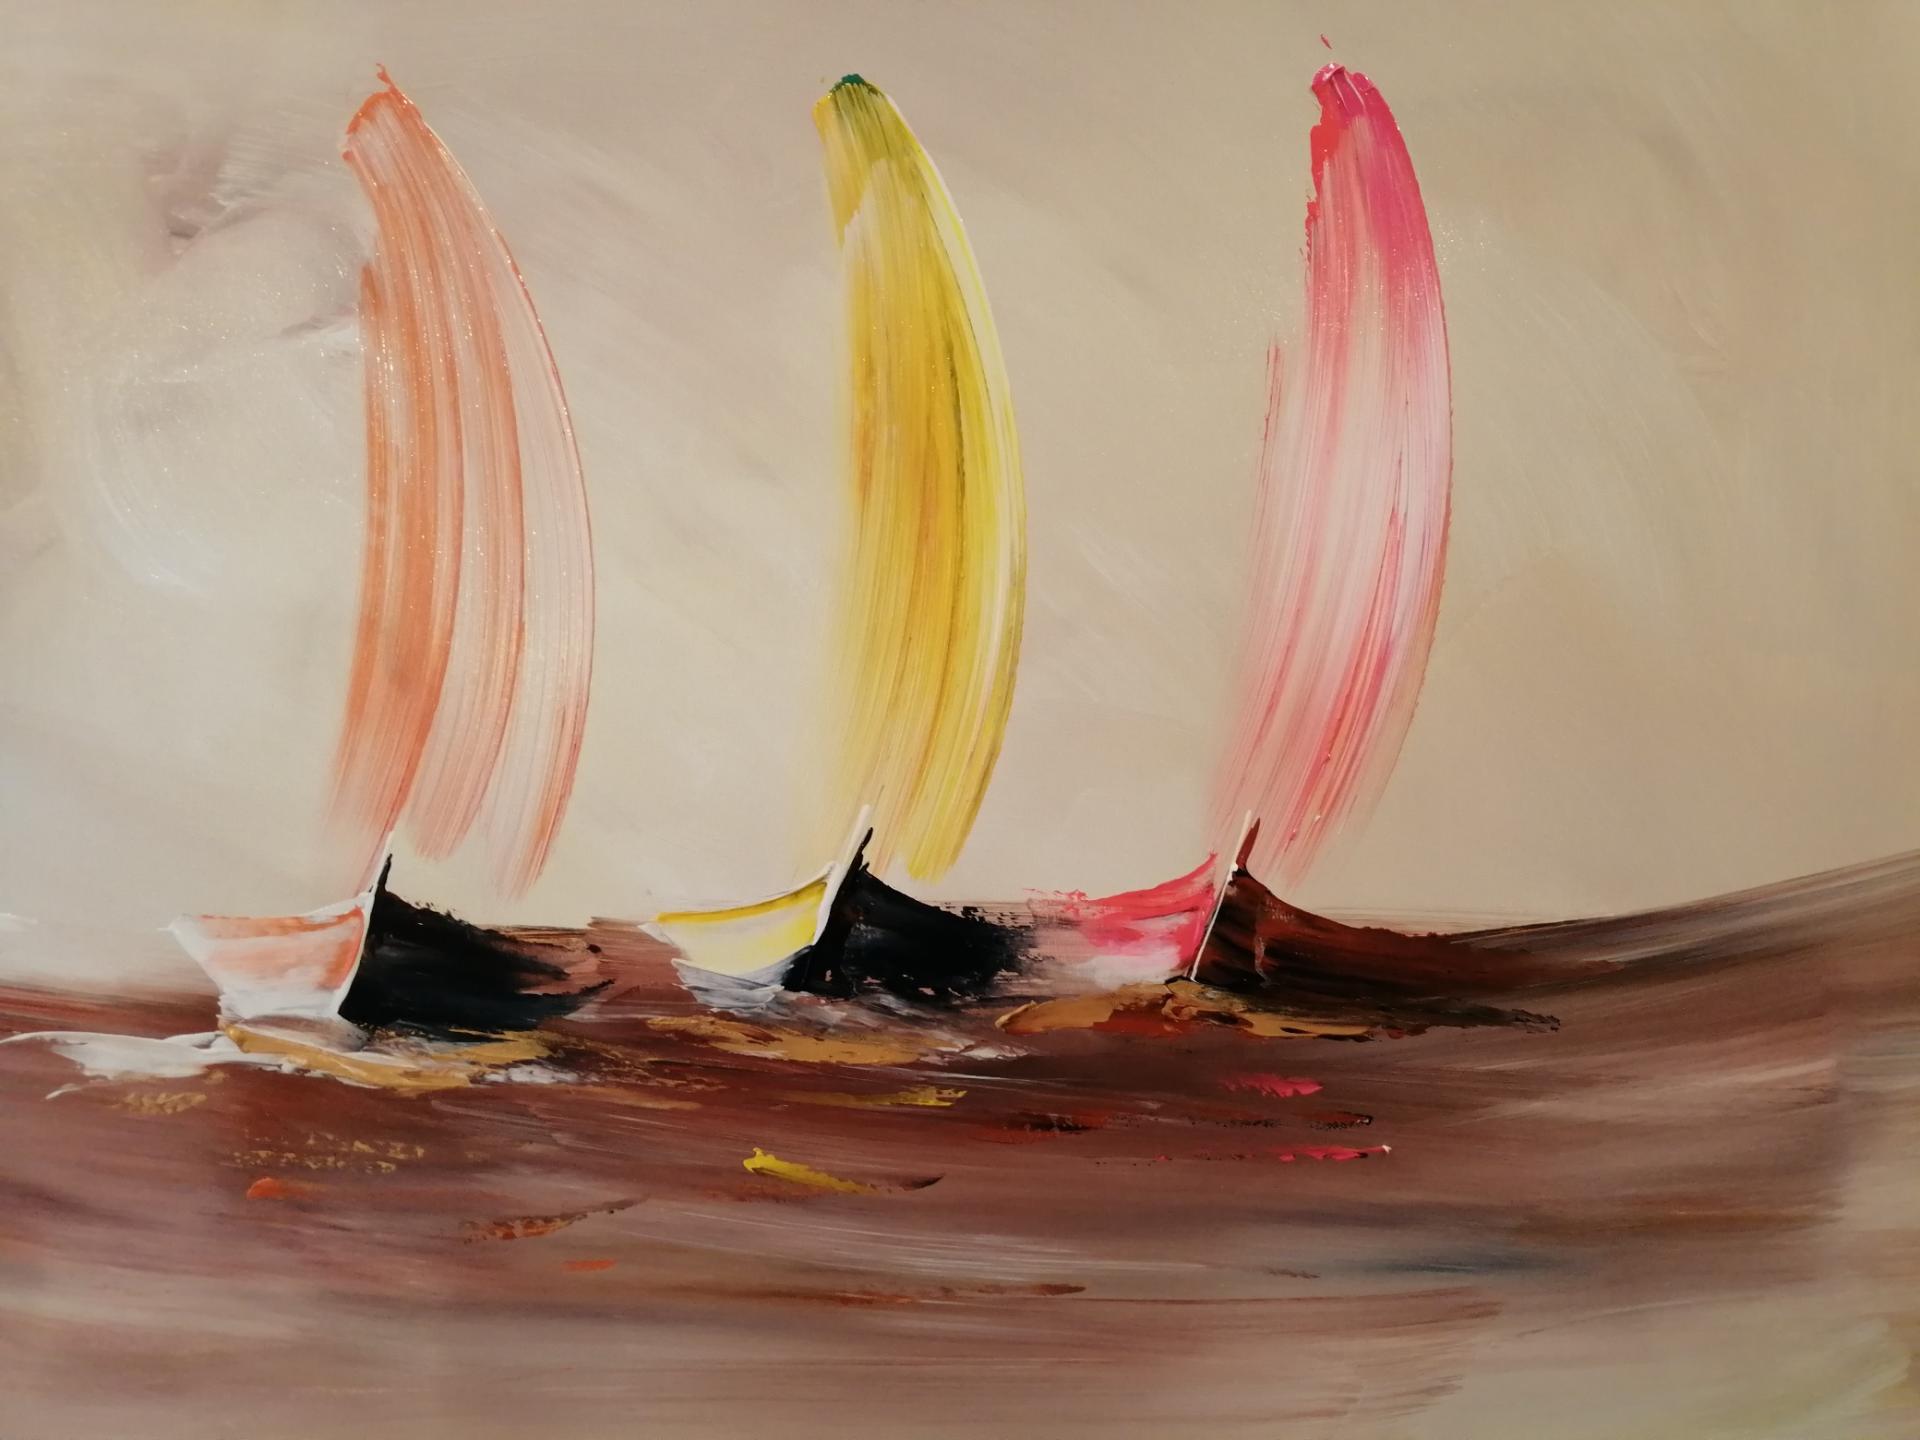 les voiliers en mer